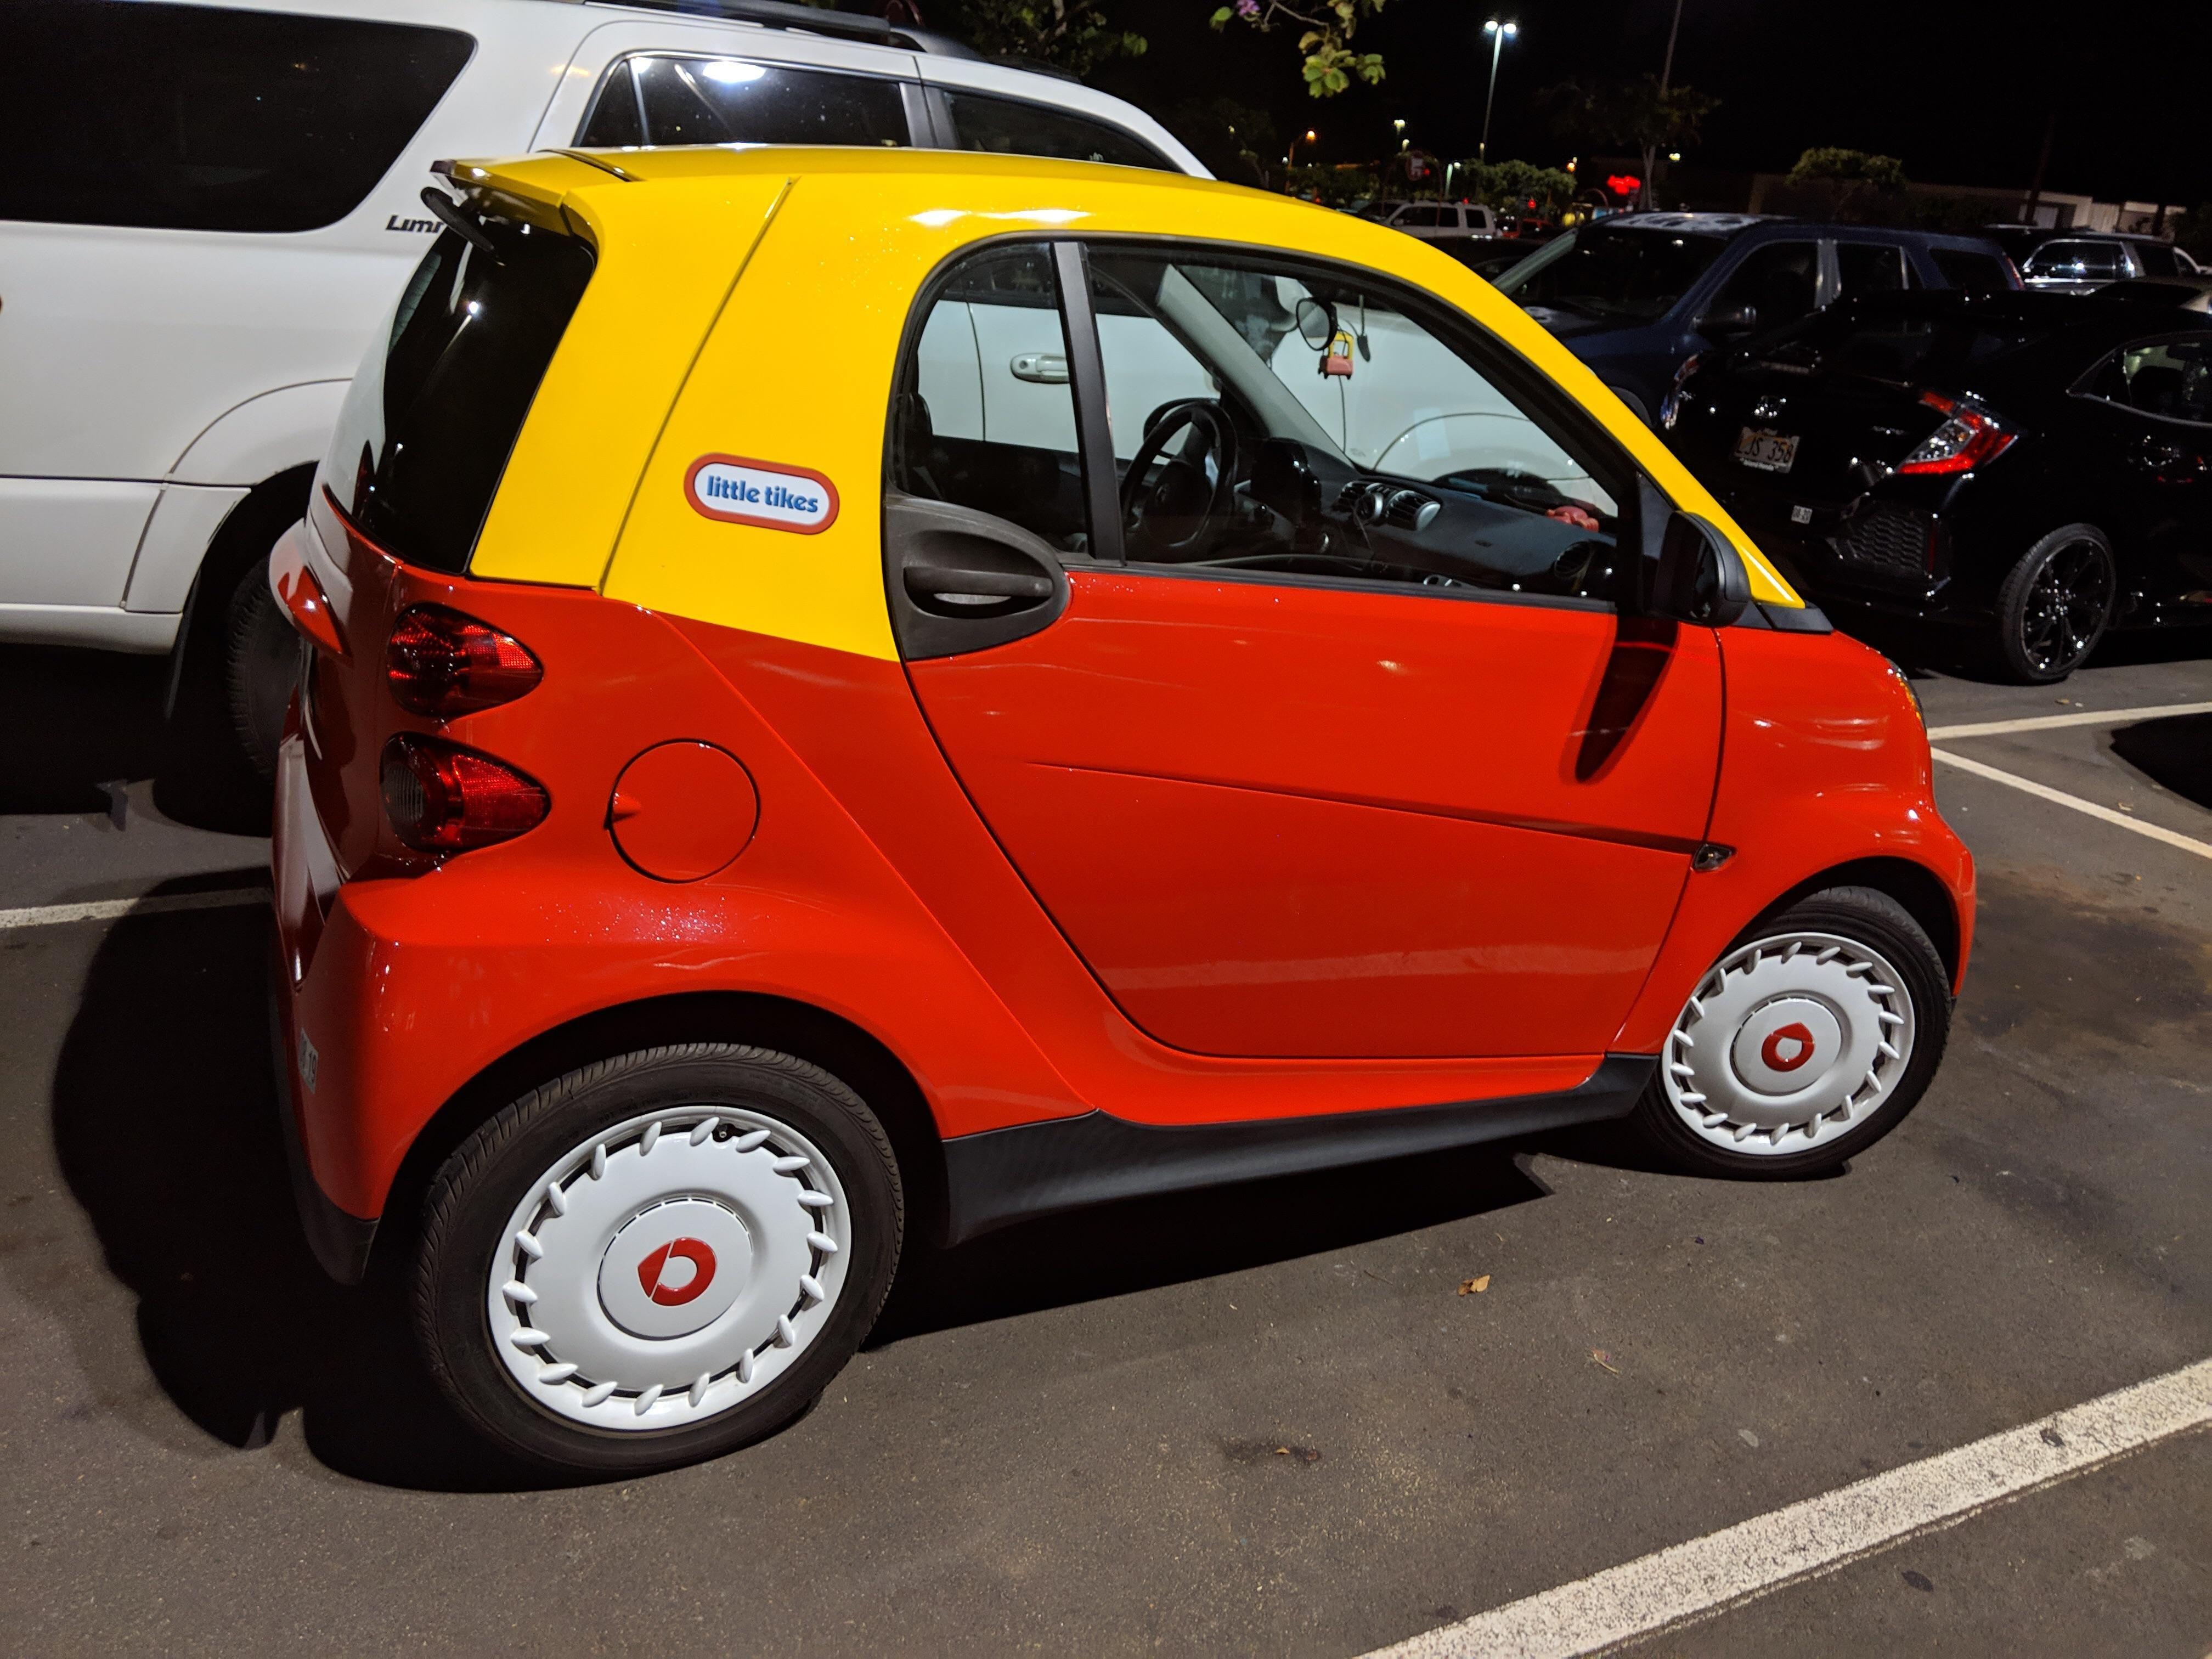 It's a kiddie car!